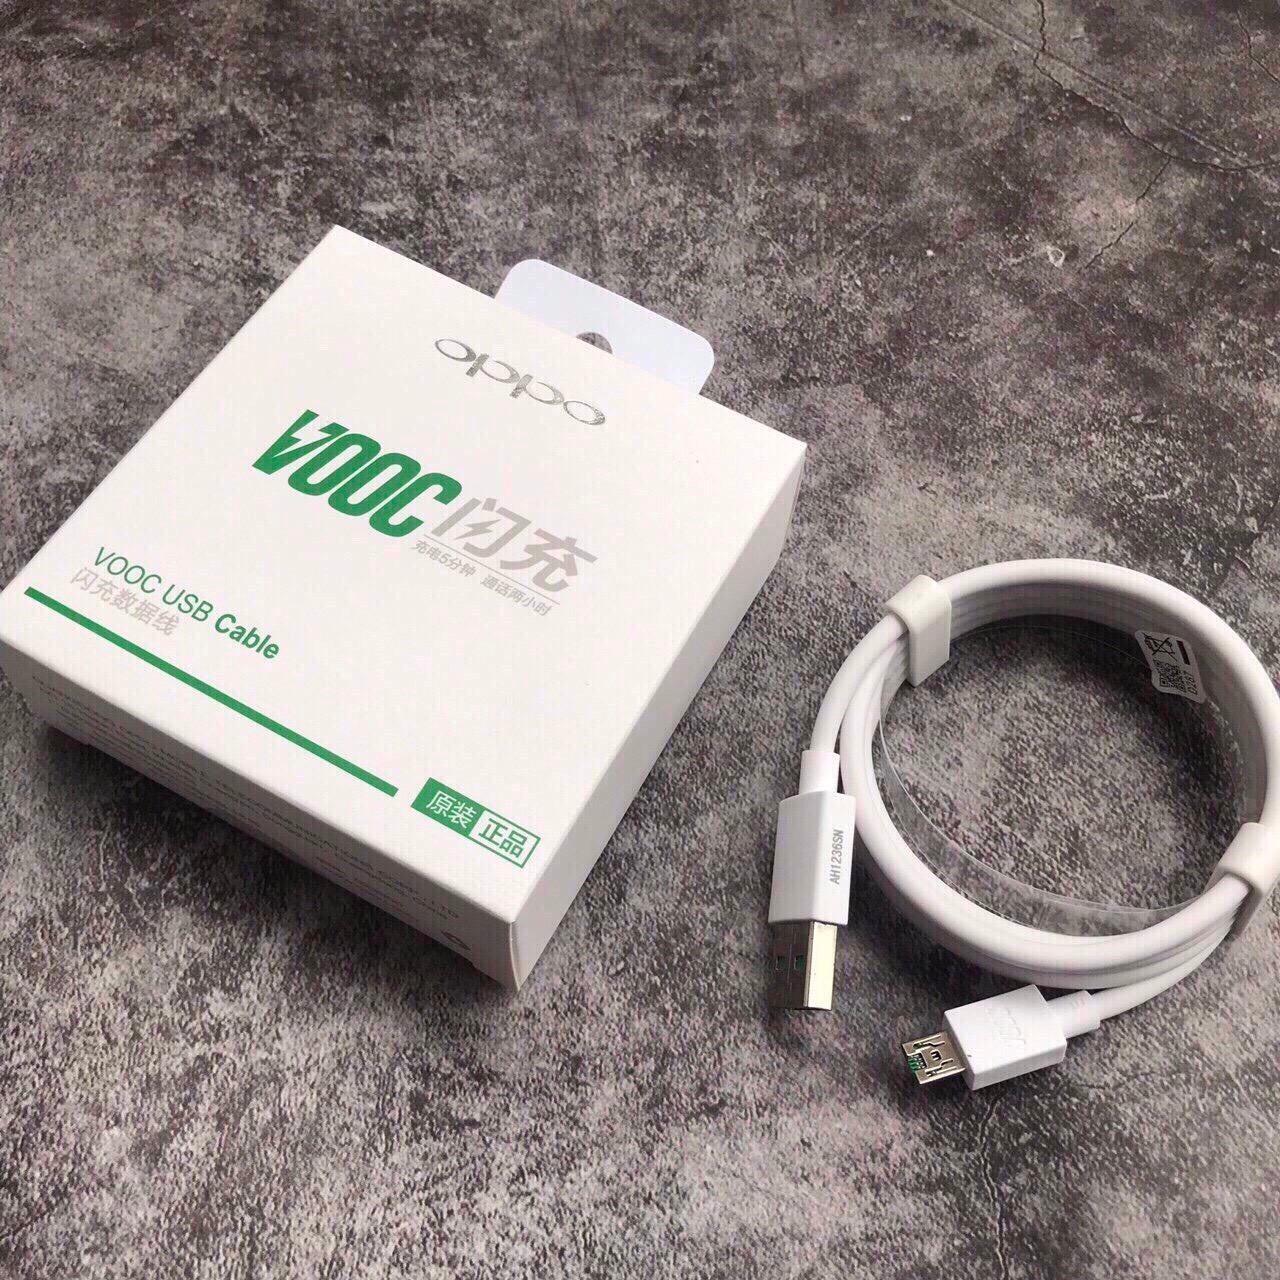 Cáp sạc Vooc cho Oppo F9 và các dòng khác hỗ trợ công nghệ sạc nhanh  VOOC OPPO Full box